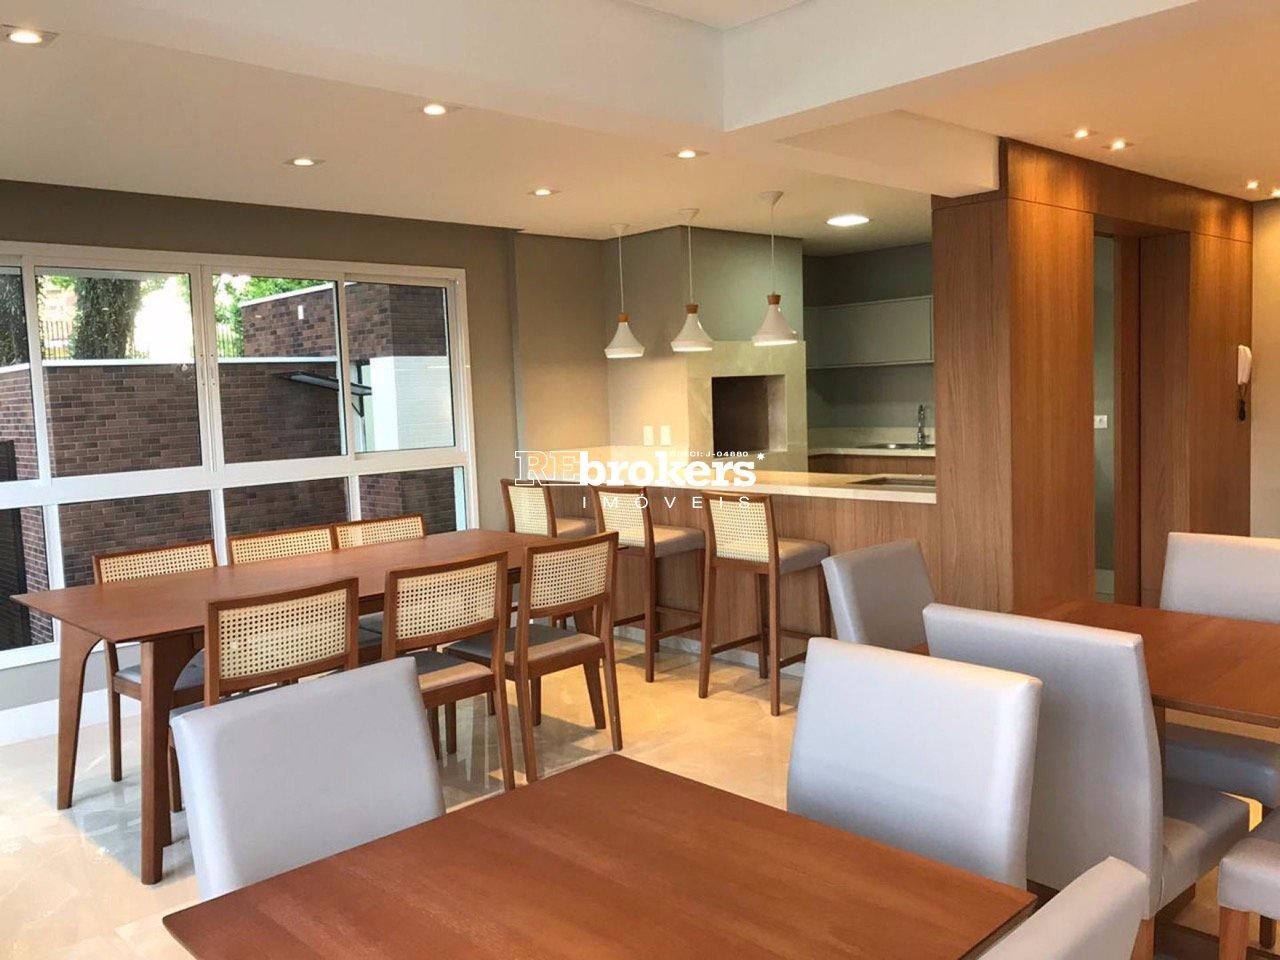 Apartamento com 3 dormitórios à venda em Curitiba, no bairro Mercês